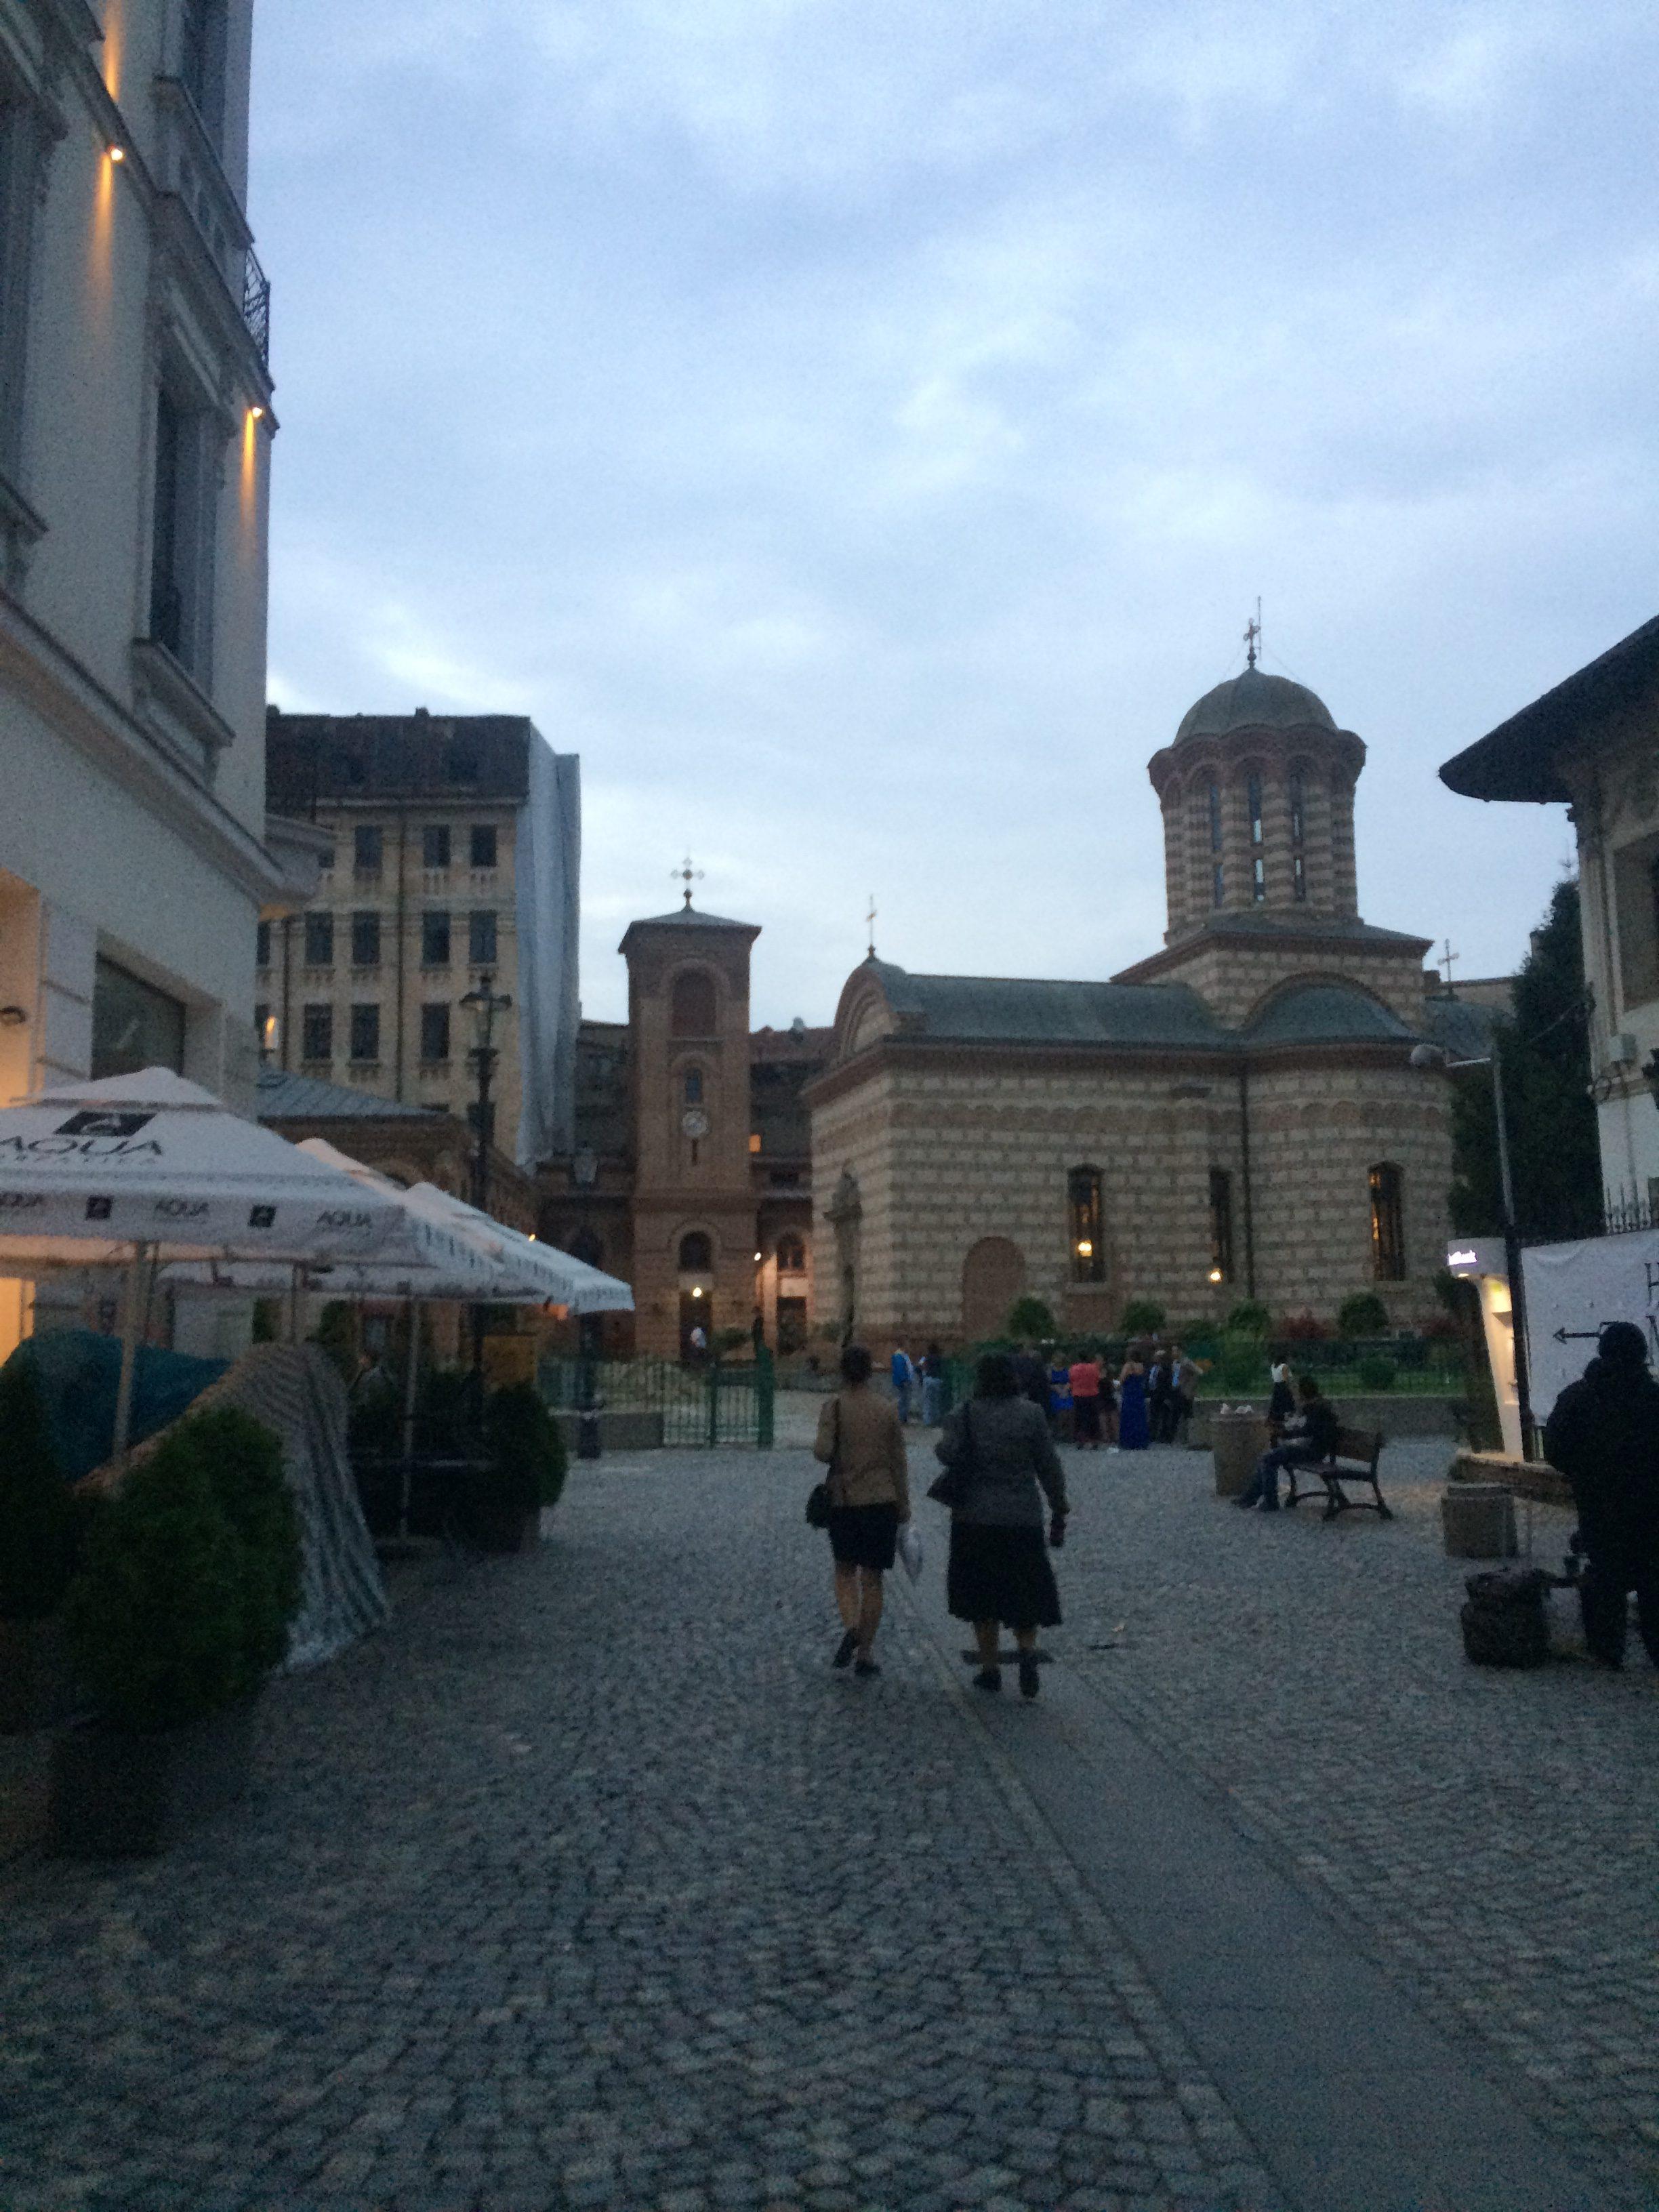 ブカレストの旧市街